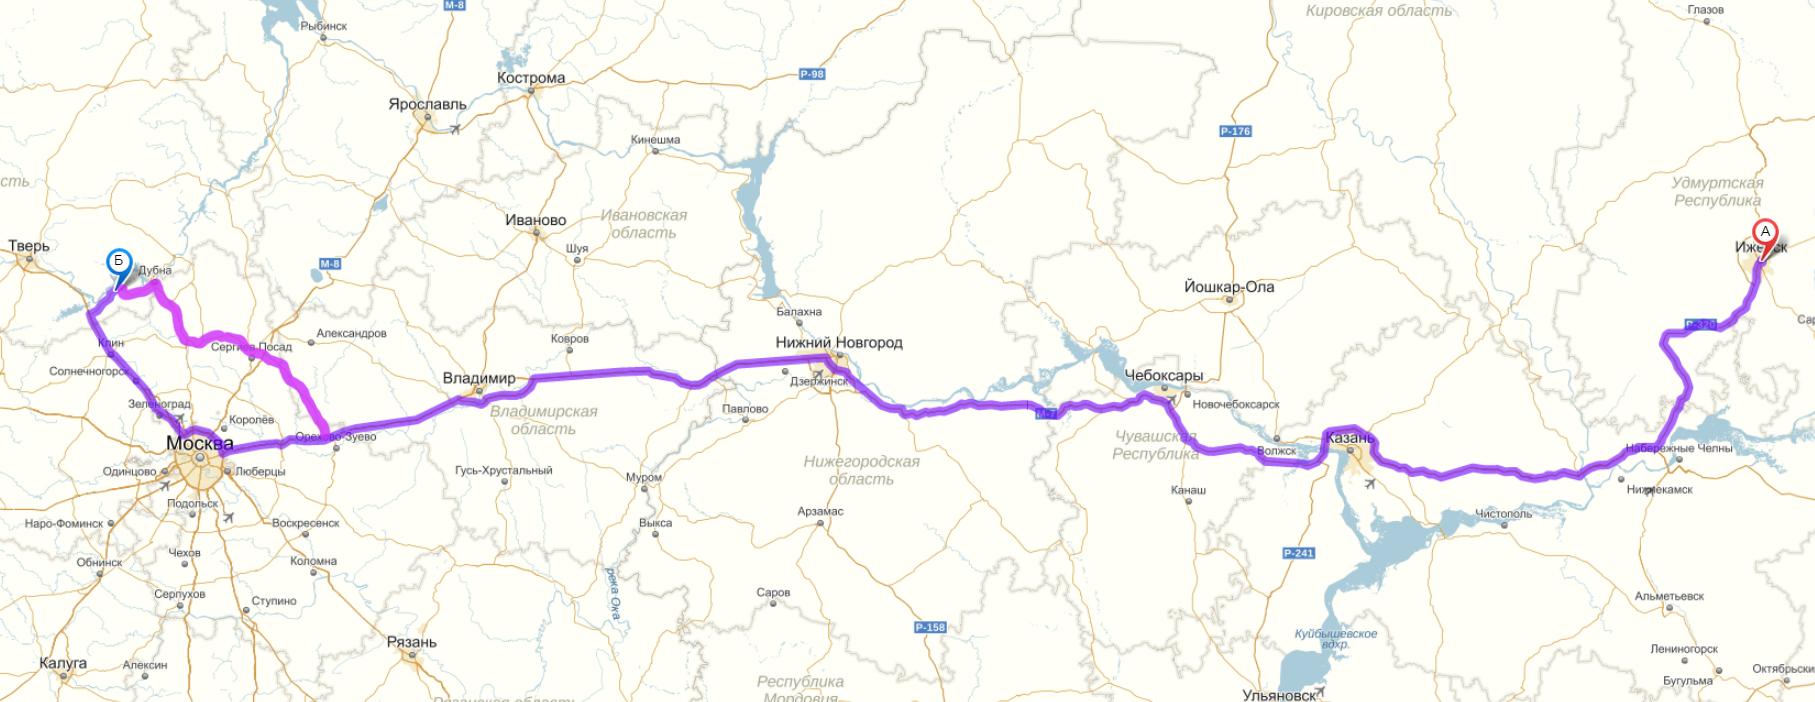 маршрут карта